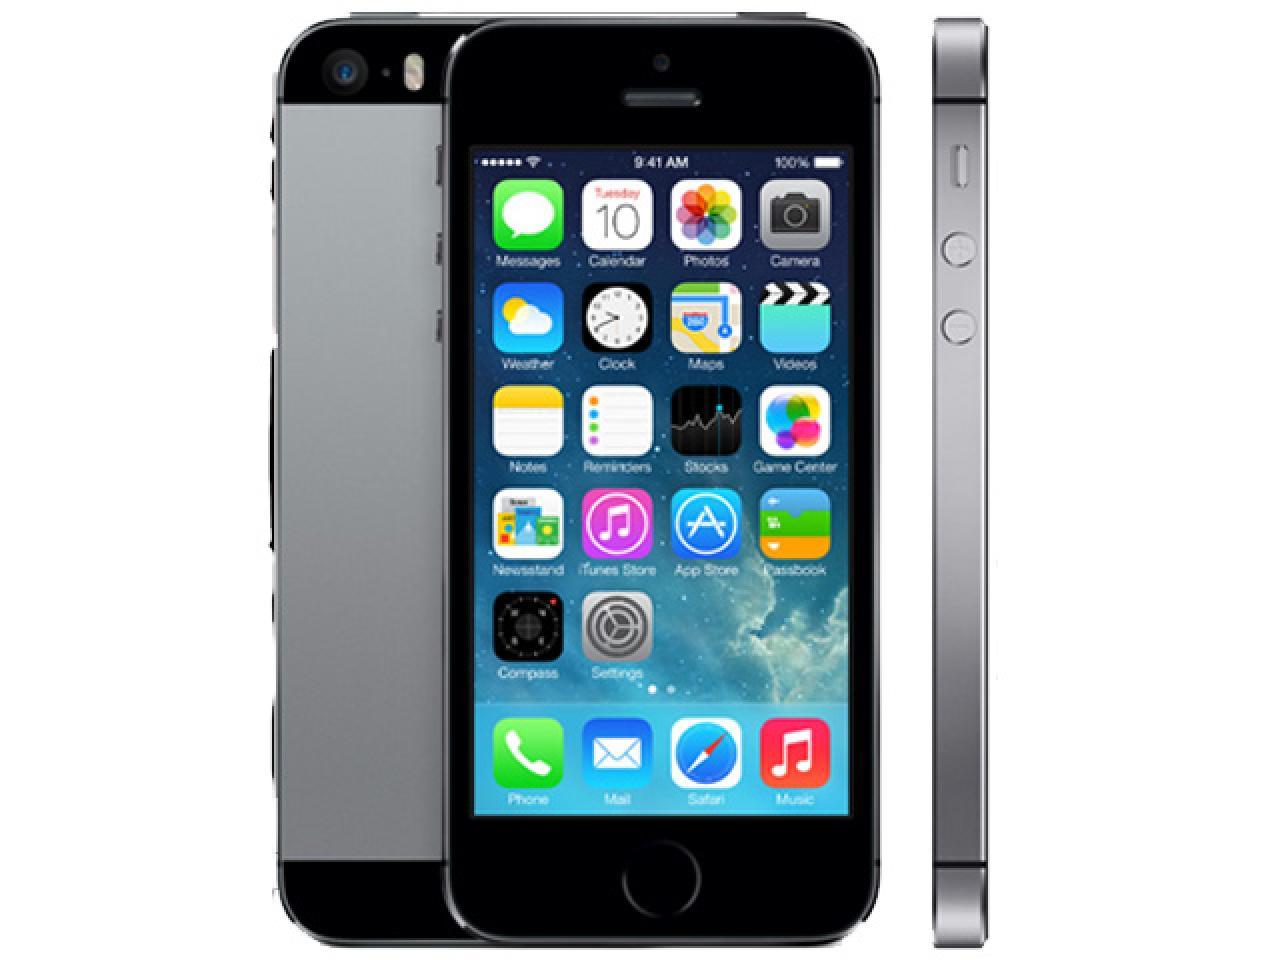 Apple iPhone 5s Space-Grau  - shop.bb-net.de